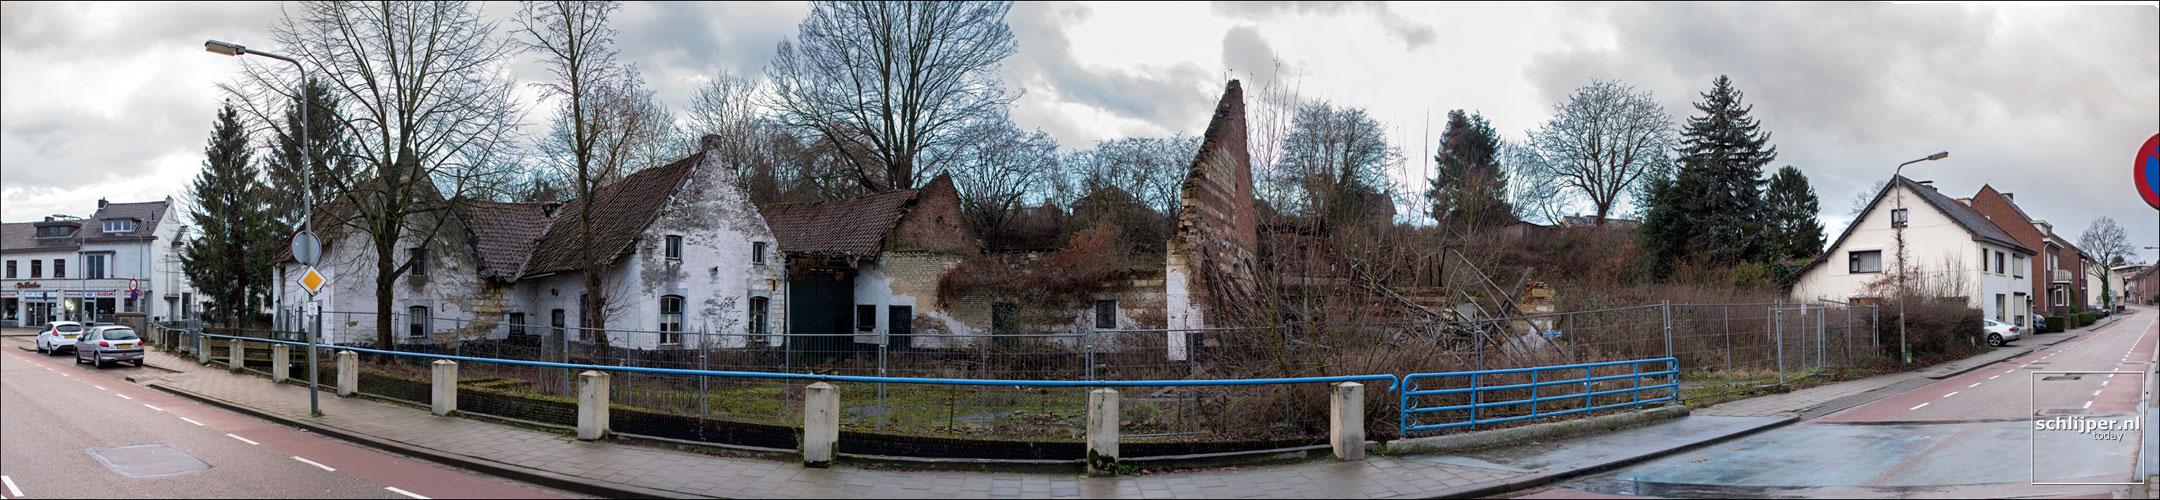 Nederland, Rothem, 25 december 2012